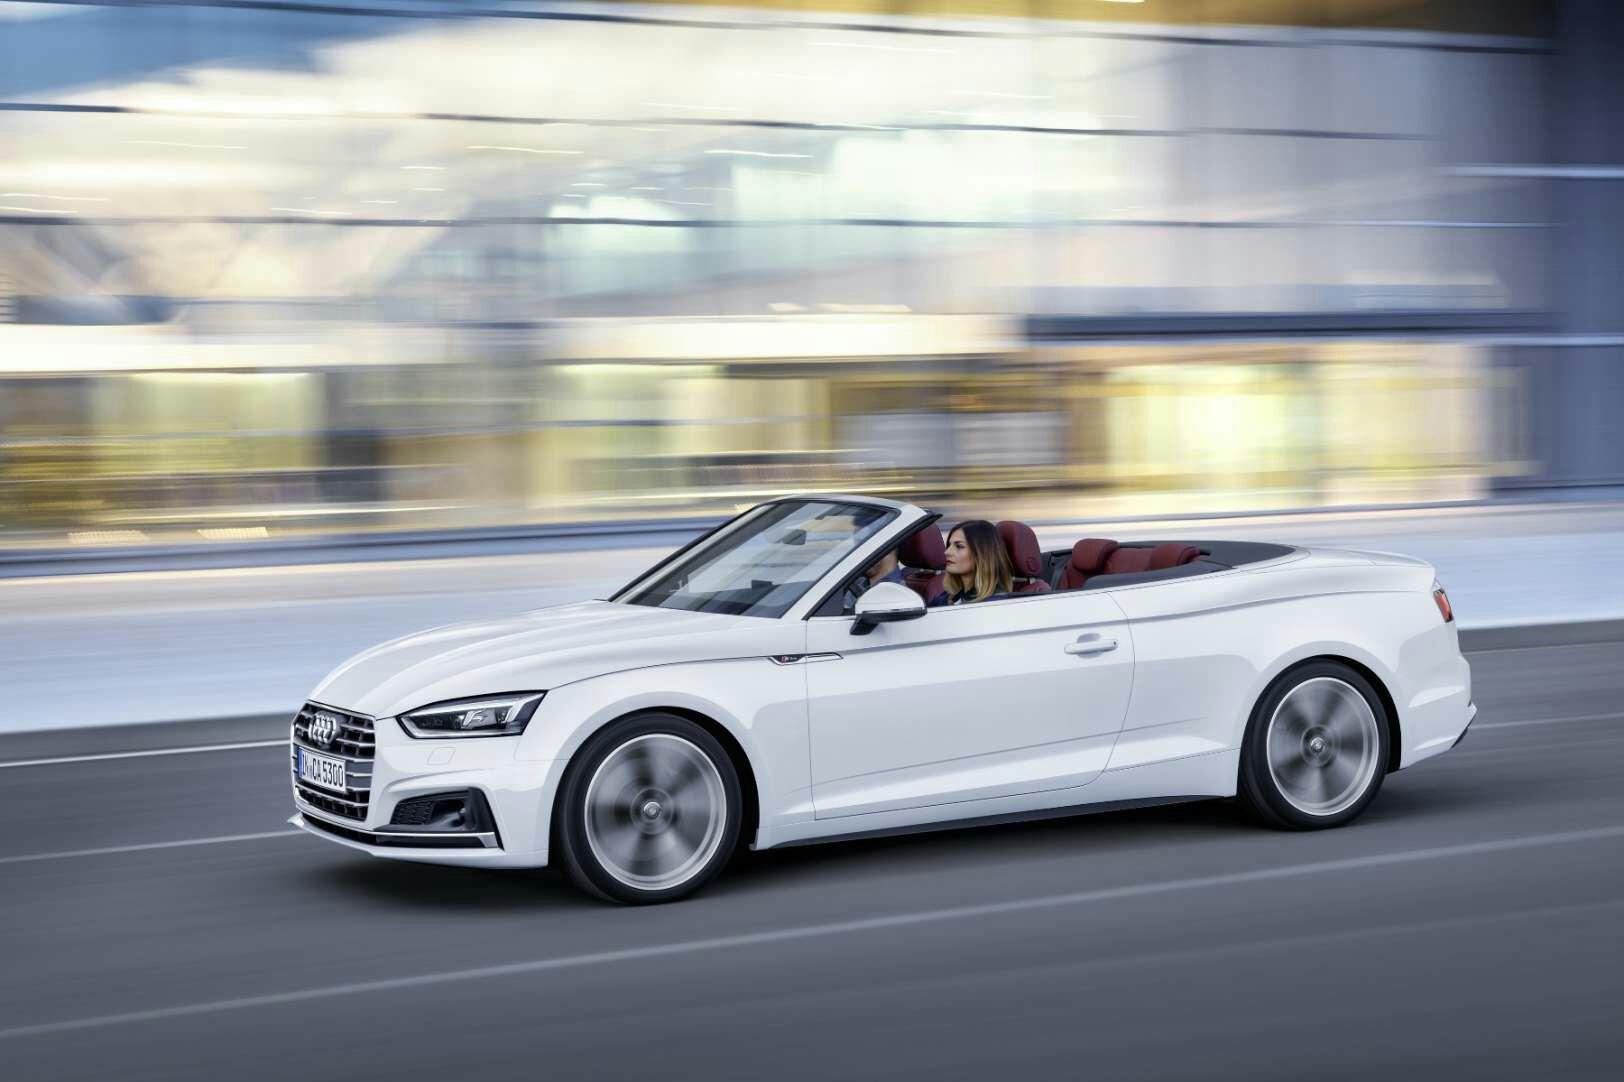 Sélection de voitures Audi en promotion - Ex : Audi A5 Cabriolet V6 (Occasion, sans garantie)